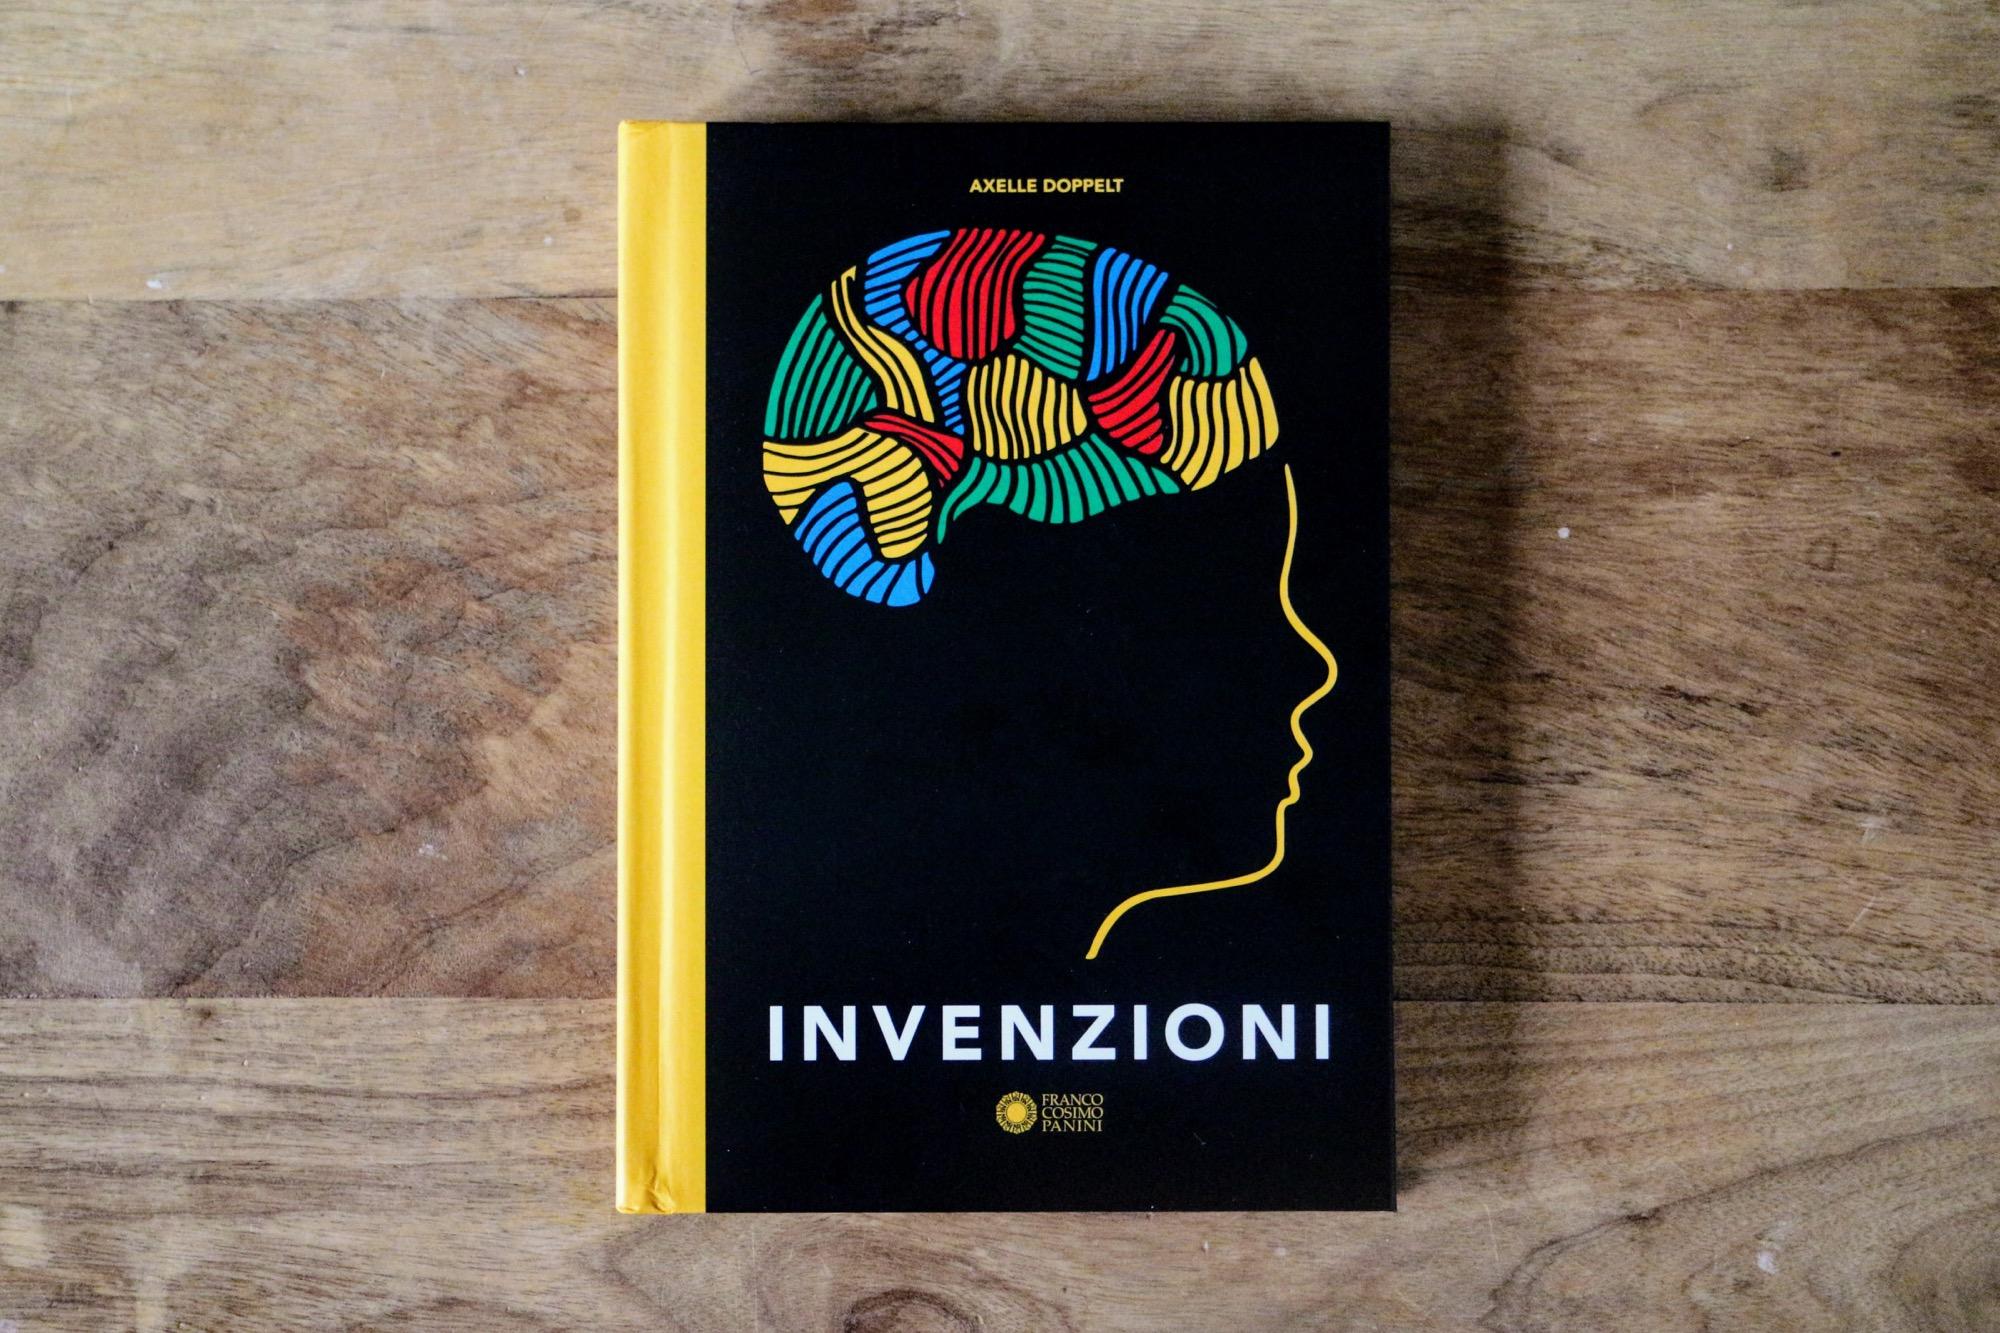 Un libro pop-up spiega 17 invenzioni che hanno cambiato la vita dell'uomo